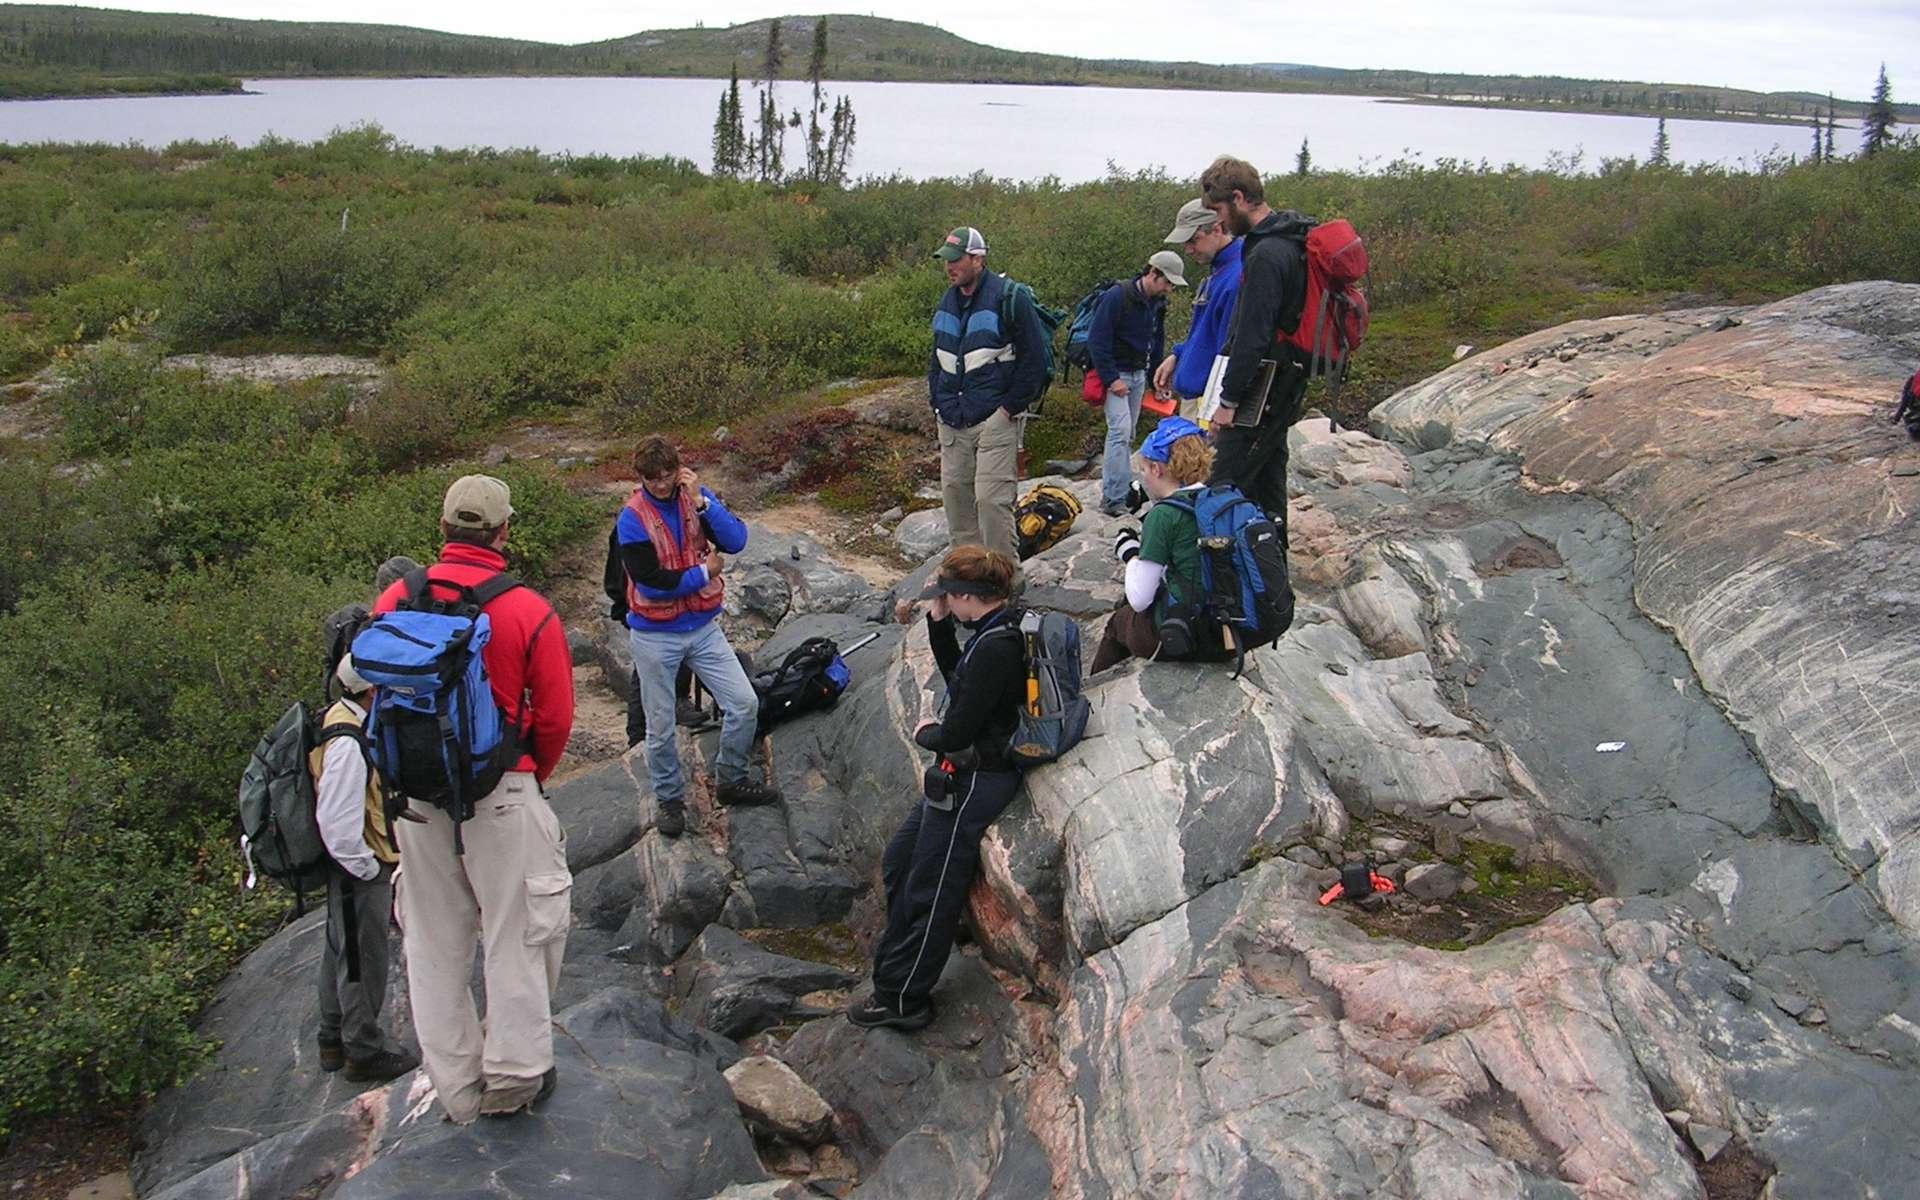 Une équipe d'étudiants en géologie examine l'affleurement rocheux de gneiss d'Acasta situé sur une île au Canada. Découvert en 1989, il tire son nom de sa proximité avec la rivière Acasta du Grand Lac de l'Ours. Ses roches ont des âges compris entre 4,03 à 3,58 milliards d'années et elles sont des vestiges de croûte continentale les plus anciens connus à ce jour. © Northwest Territories Geoscience Office